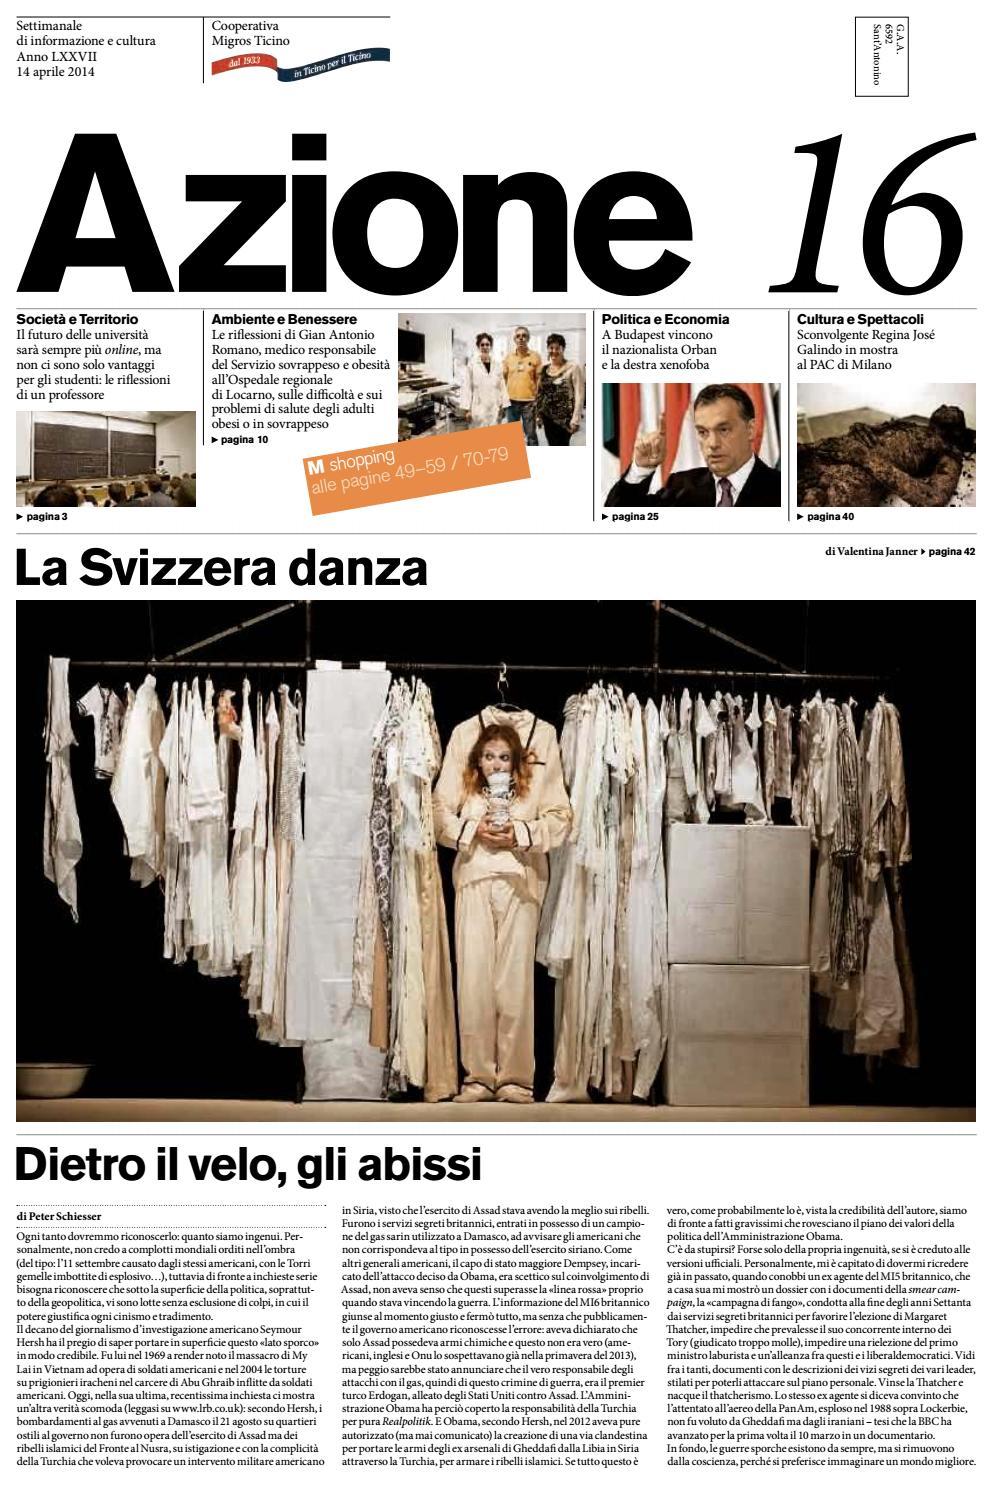 Azione 16 Del 14 Aprile 2014 By Azione Settimanale Di Migros Ticino